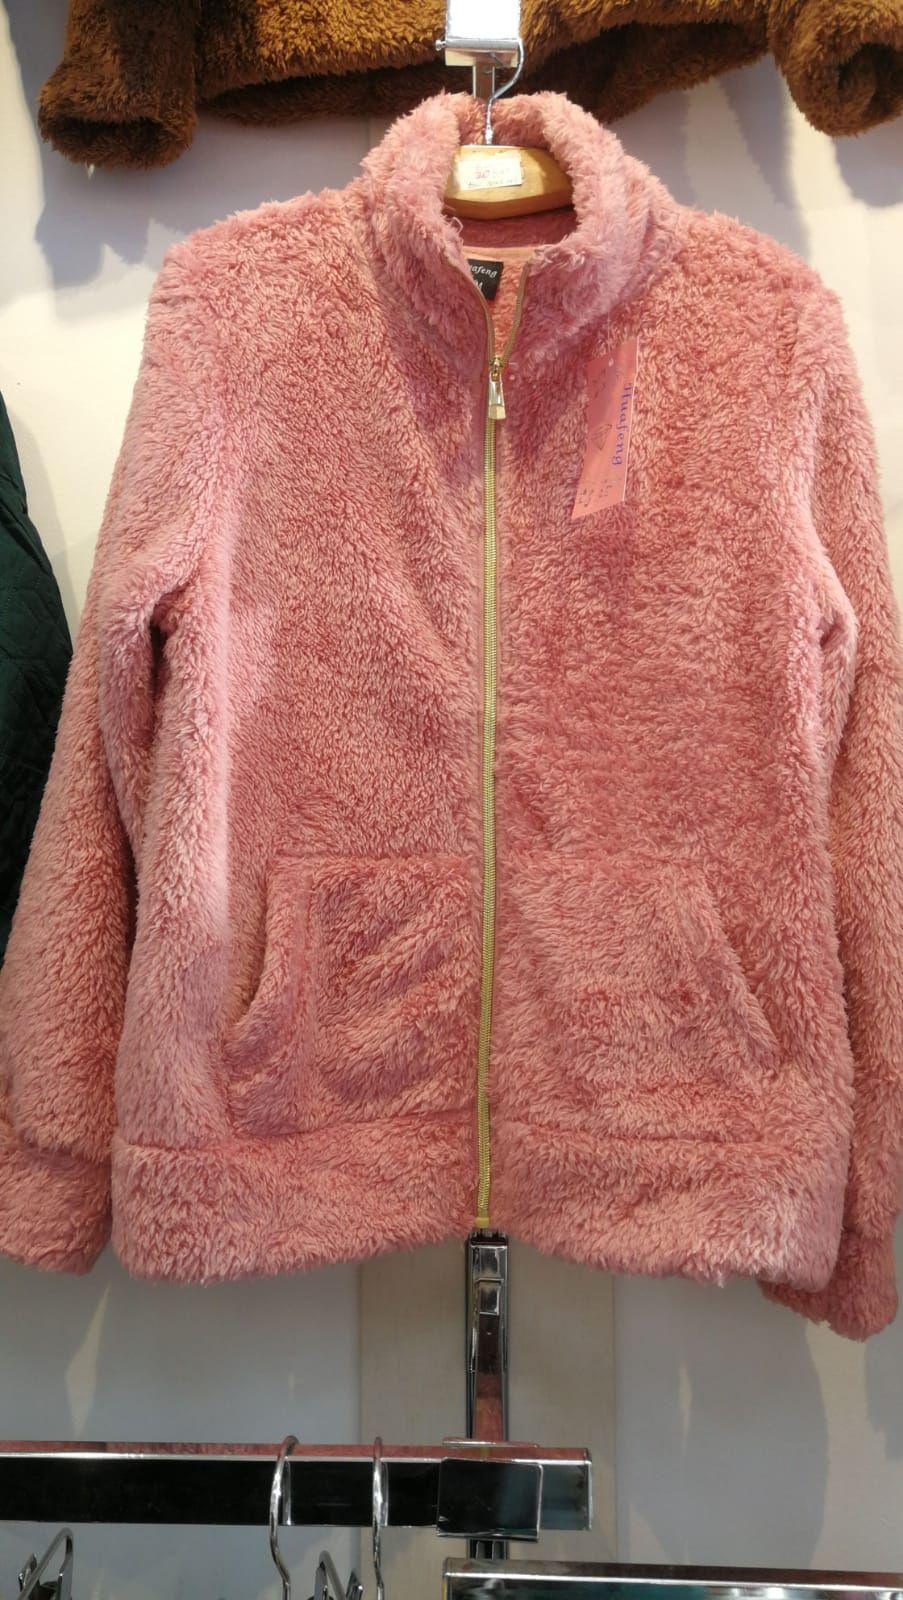 Prendas de abrigo varias tallas y colores